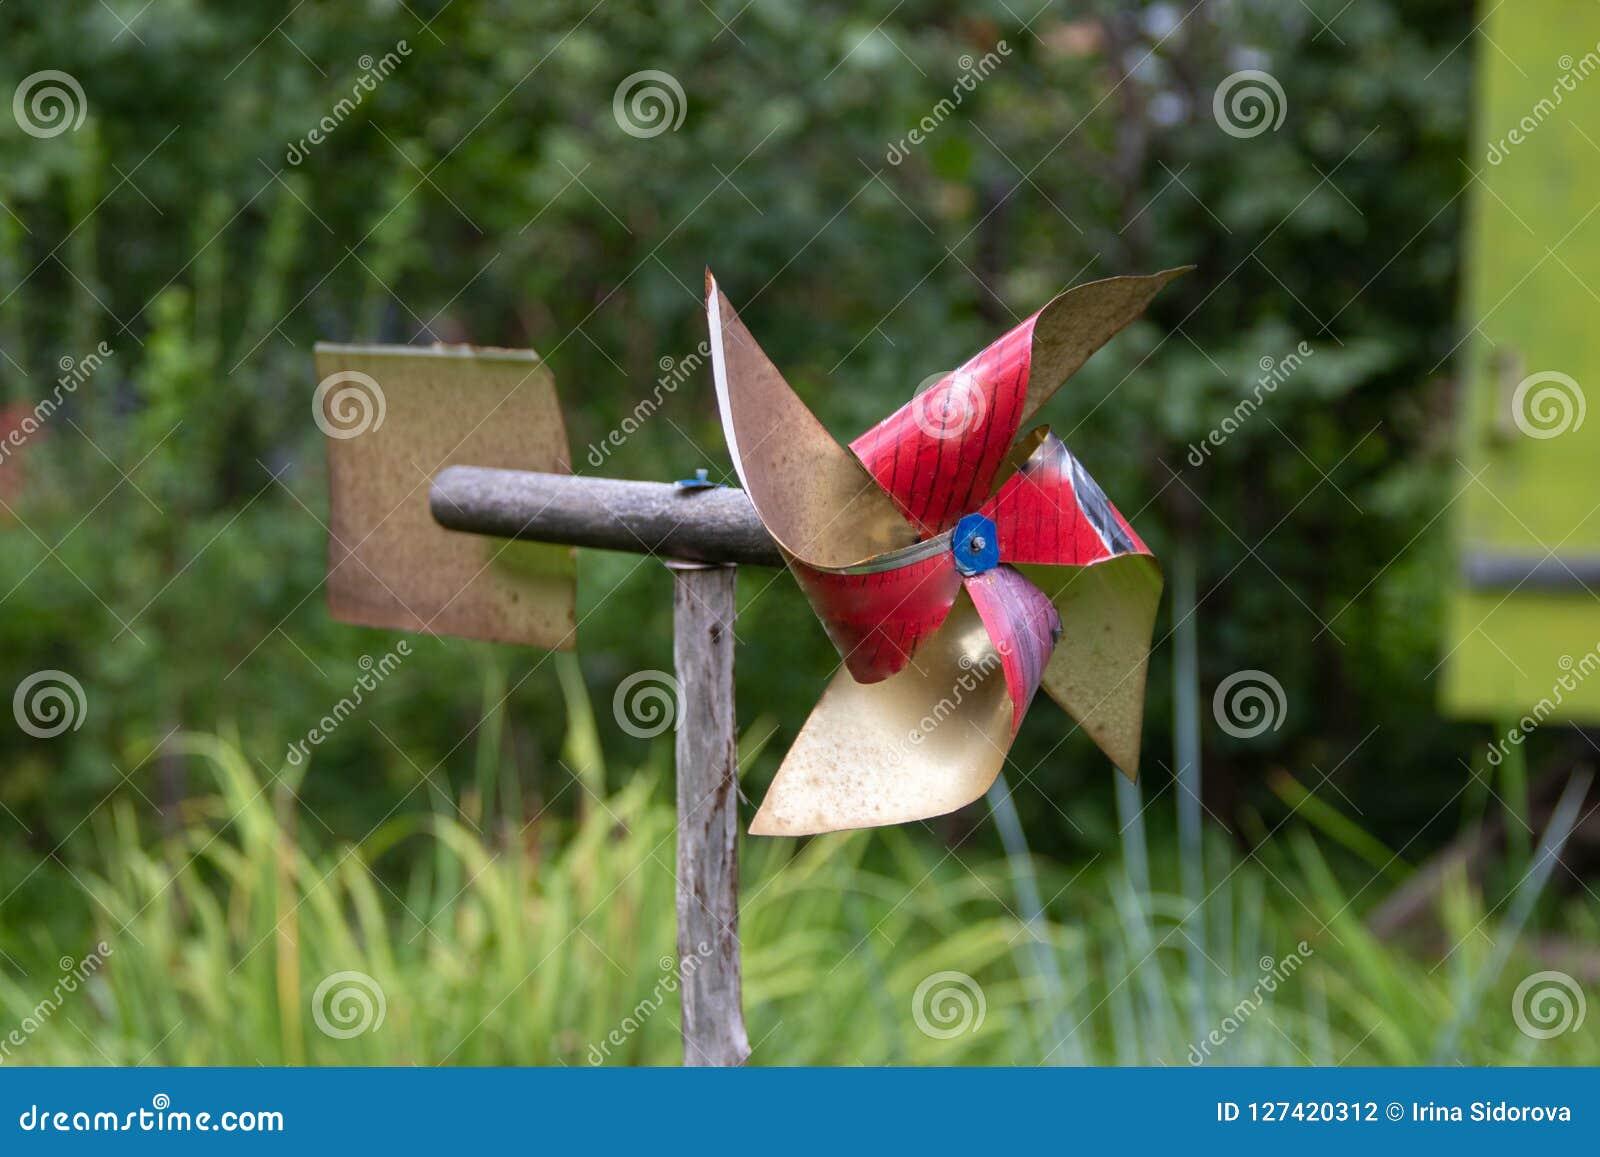 Jouet de palette pour le jardin protecteur des oiseaux